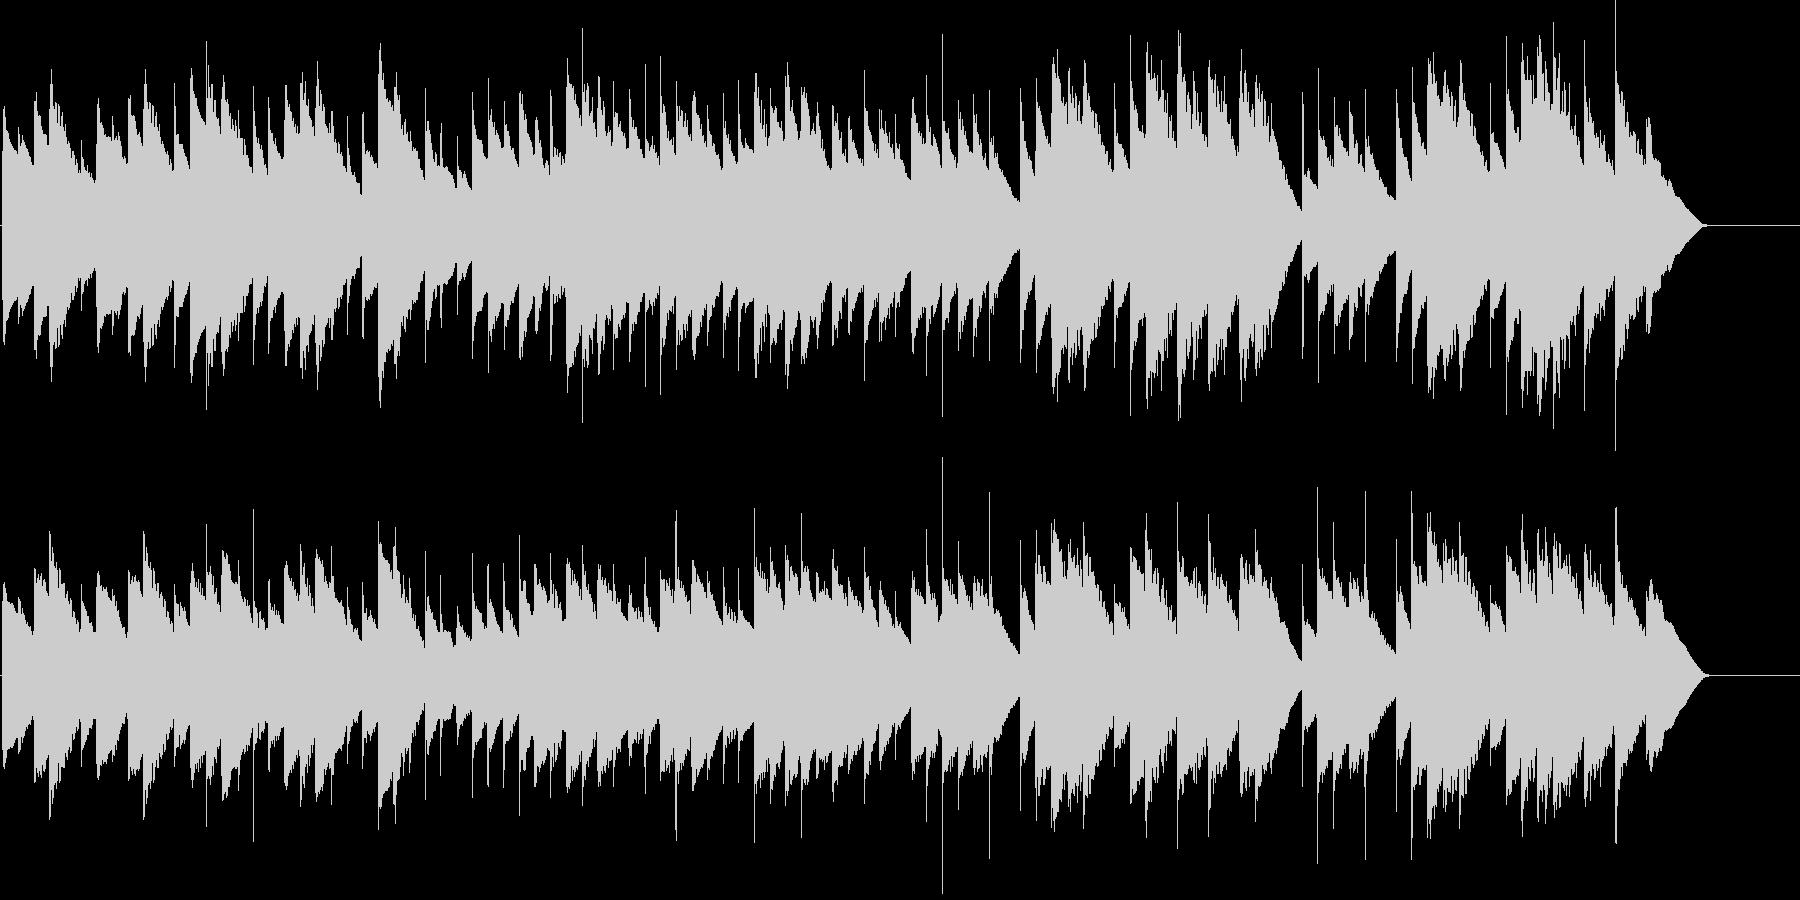 オルゴールで子守唄2(ブラームス)の未再生の波形